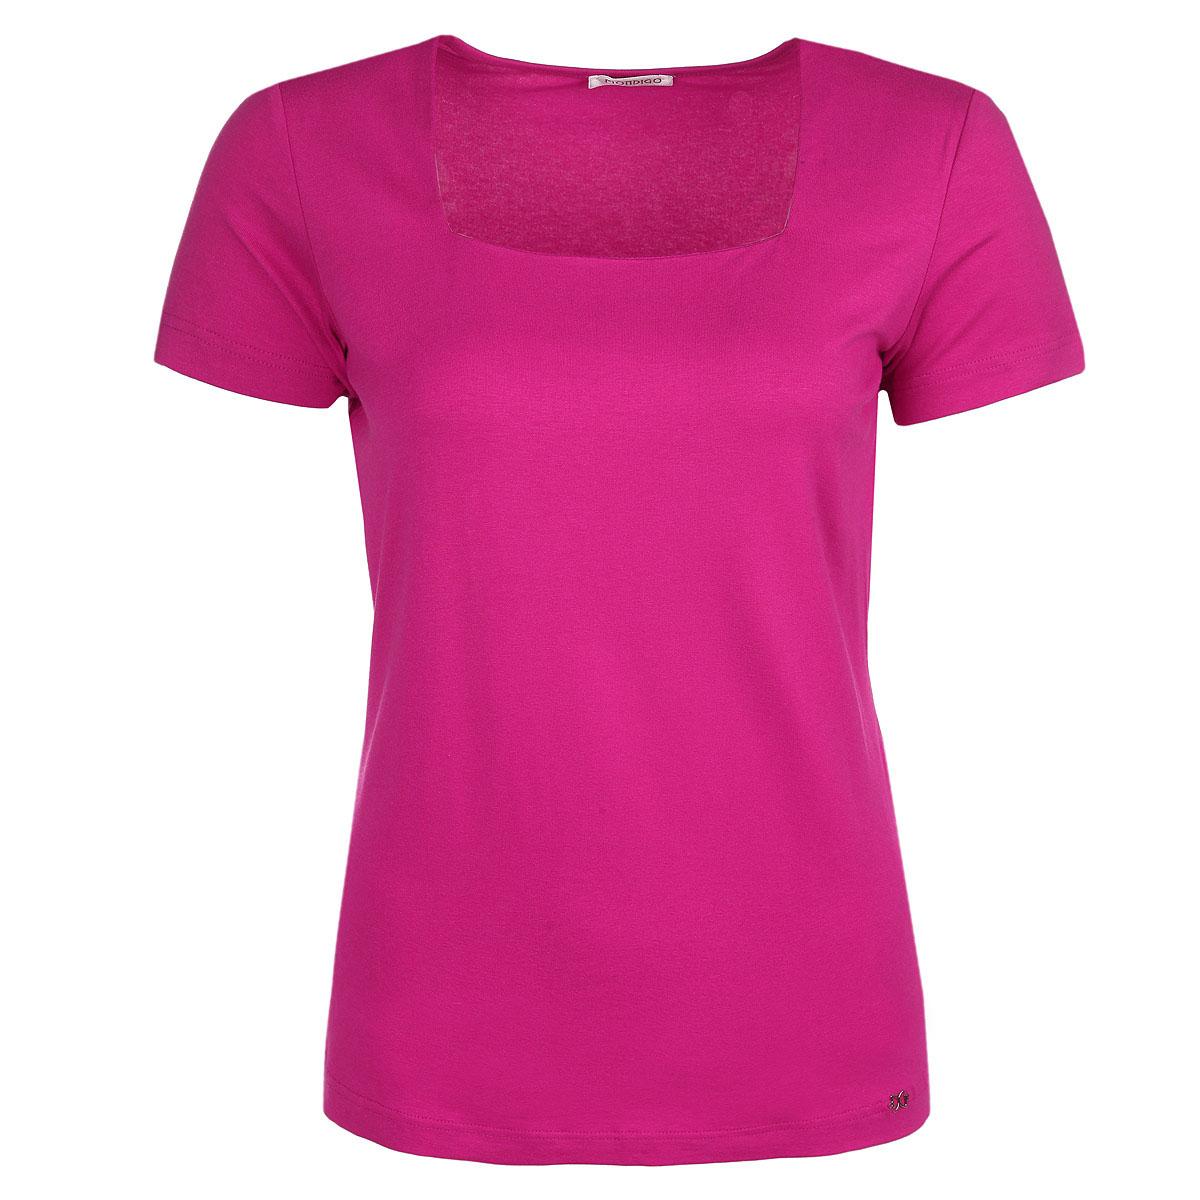 Футболка женская. 6074/260746074Стильная женская футболка Mondigo, выполненная из высококачественного материала, обладает высокой теплопроводностью, воздухопроницаемостью и гигроскопичностью, позволяет коже дышать. Модель с короткими рукавами и вырезом-каре - идеальный вариант для создания образа в стиле Casual. Однотонная футболка великолепно сочетается с любыми нарядами. Такая модель подарит вам комфорт в течение всего дня и послужит замечательным дополнением к вашему гардеробу.